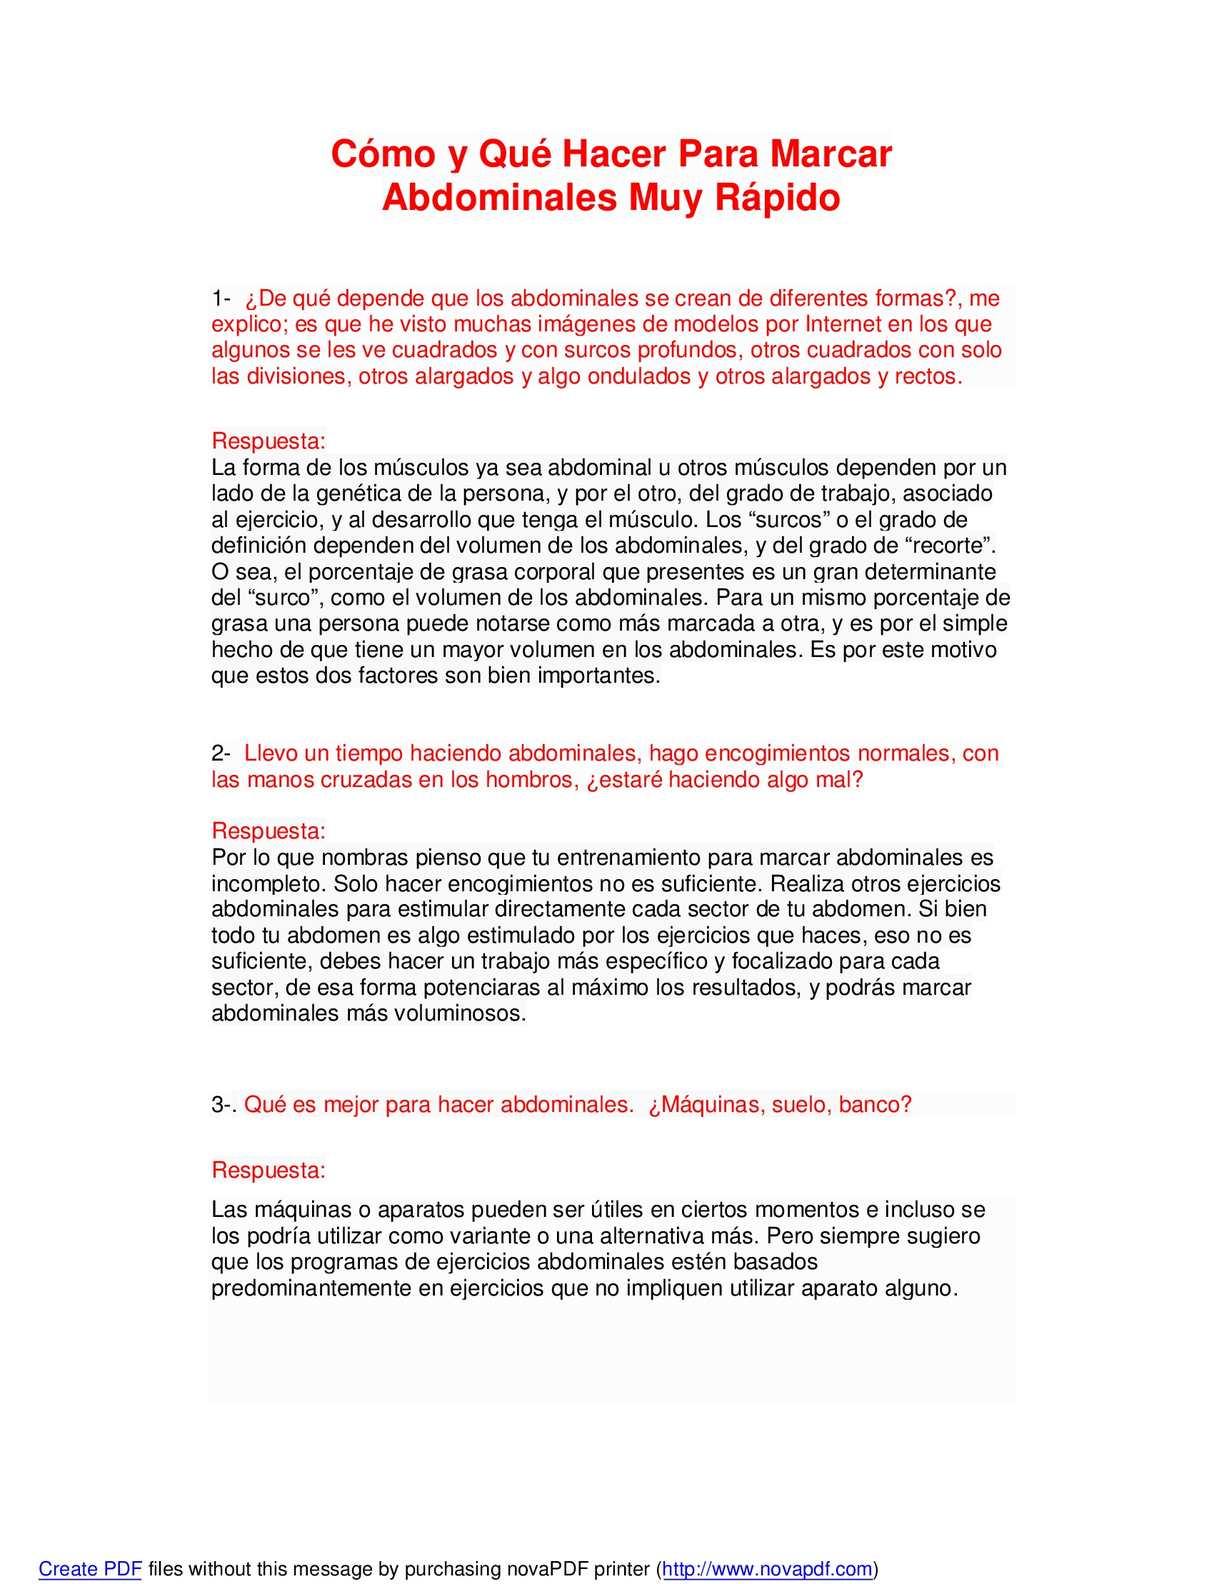 formas de marcar el abdomen rapido